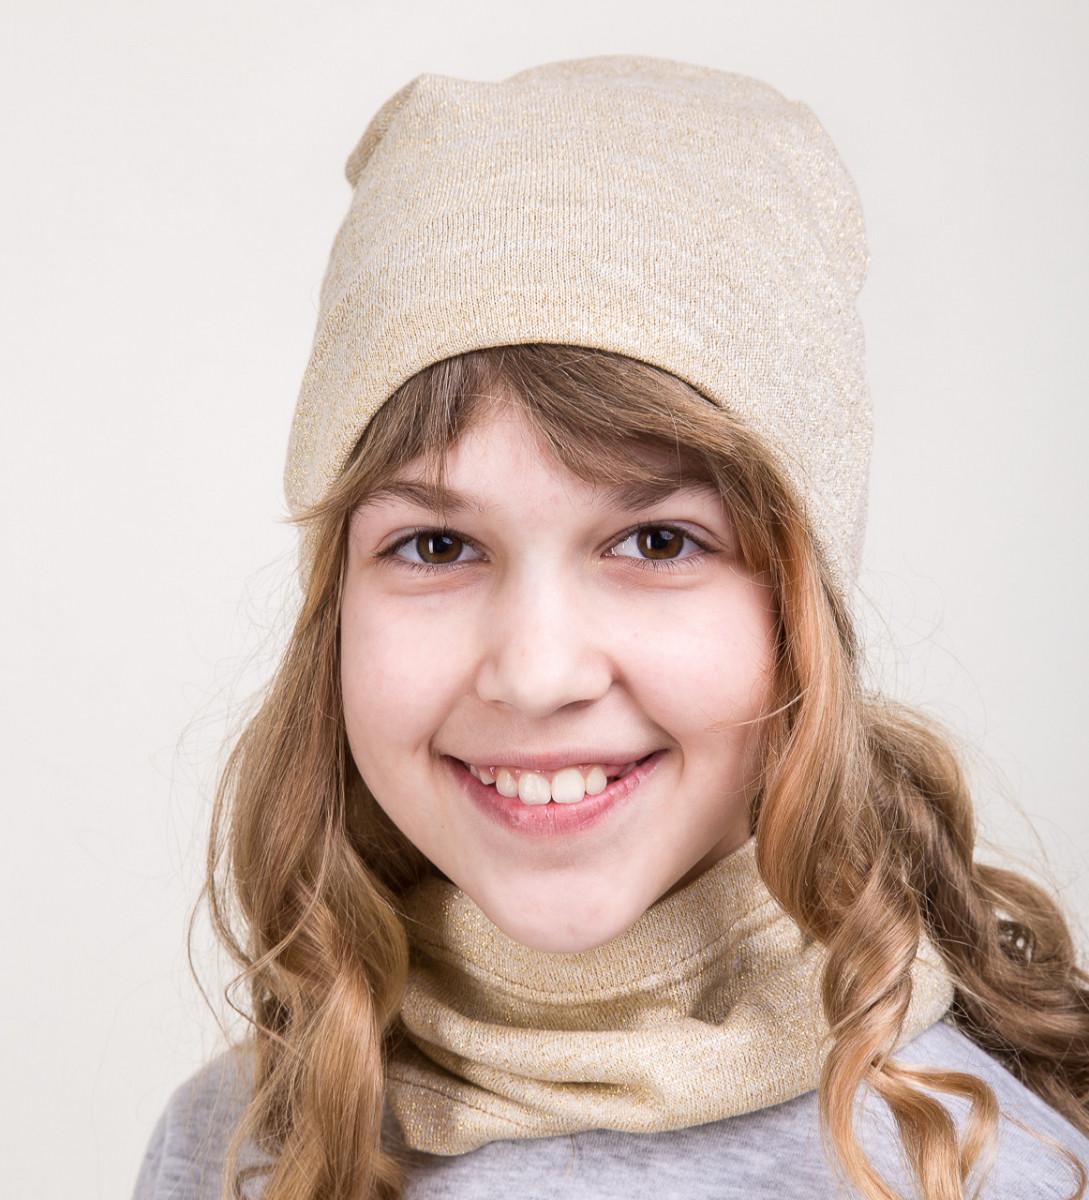 Комплект для девочки от производителя на весну - Артикул 2075d